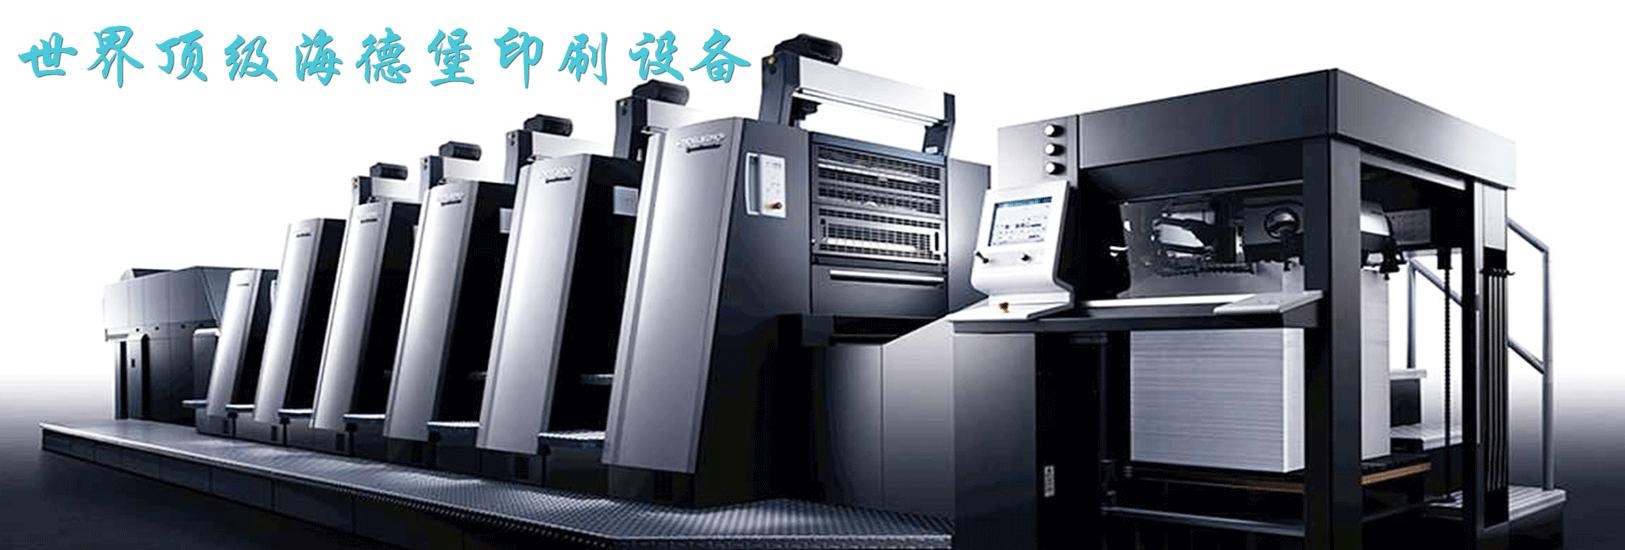 影响印刷厂家报价的因素有哪些呢